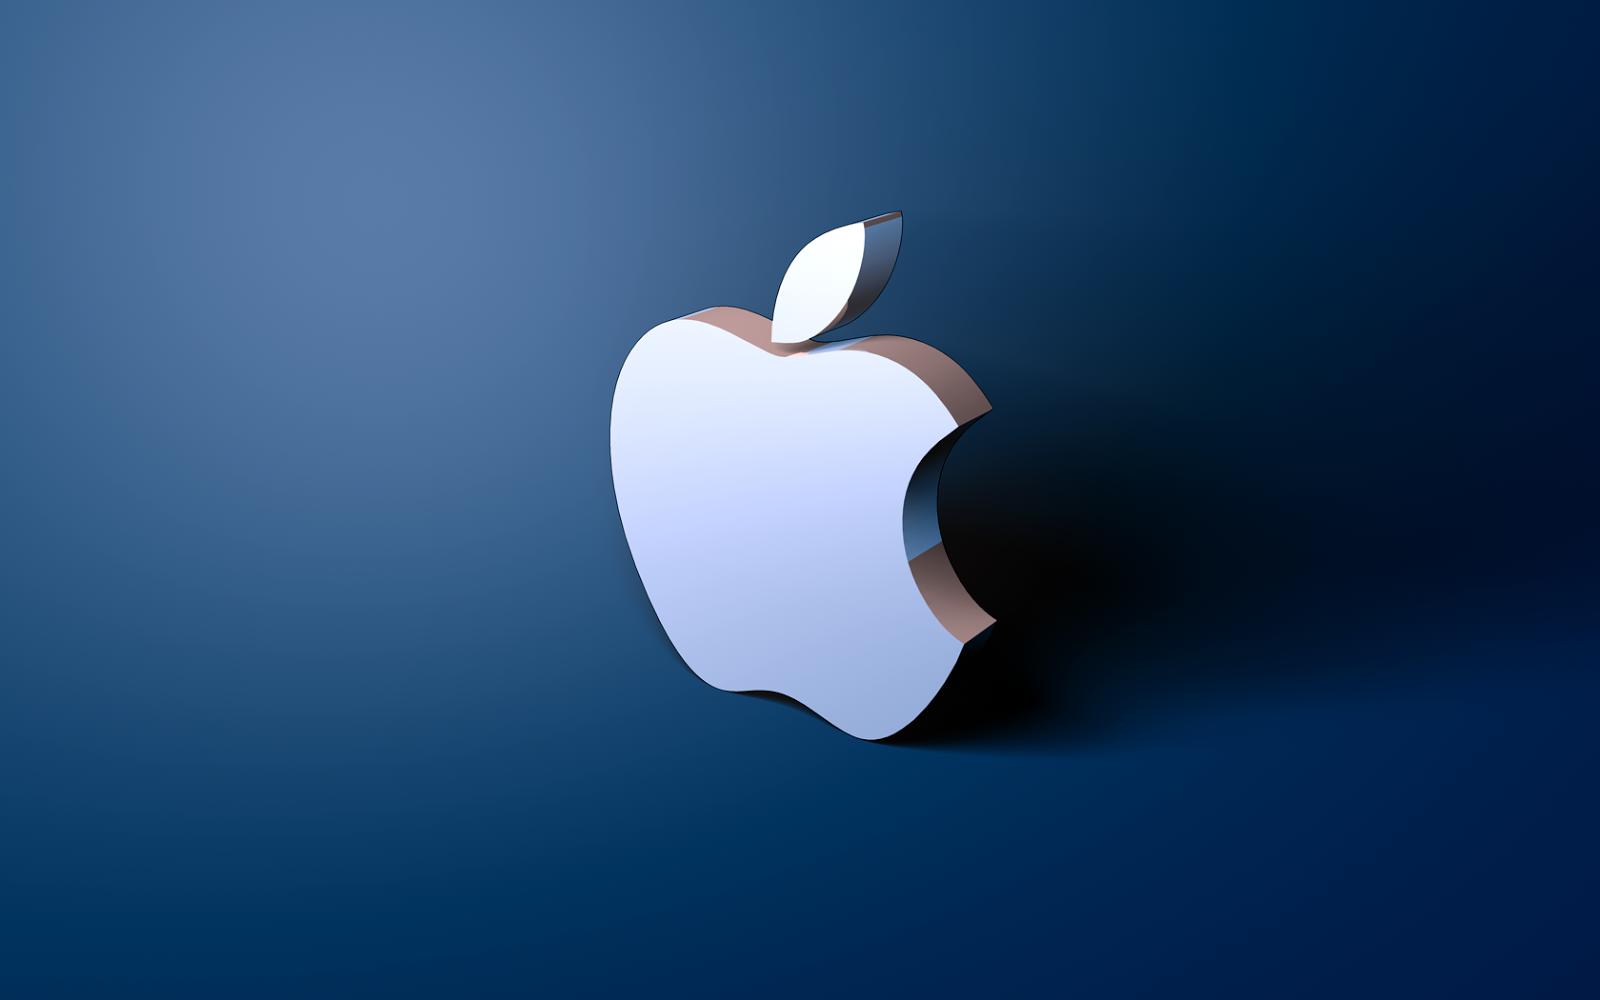 Mac Wallpaper Hd 1080p Wallpapersafari